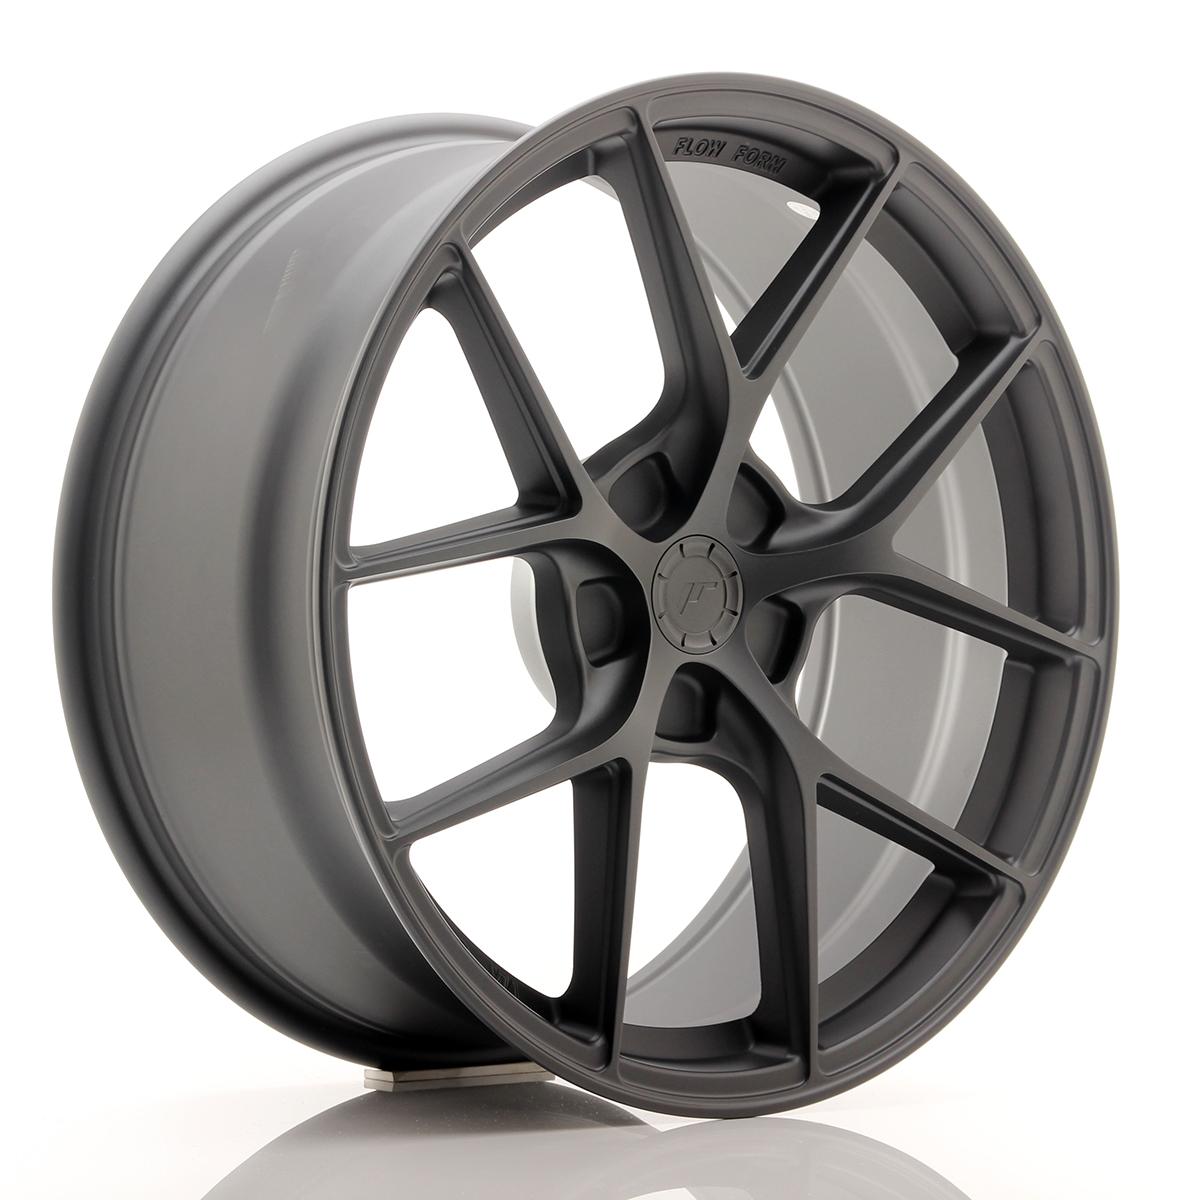 JR Wheels SL01 19x8, 5 ET20-45 5H BLANK Matt Gun Metal